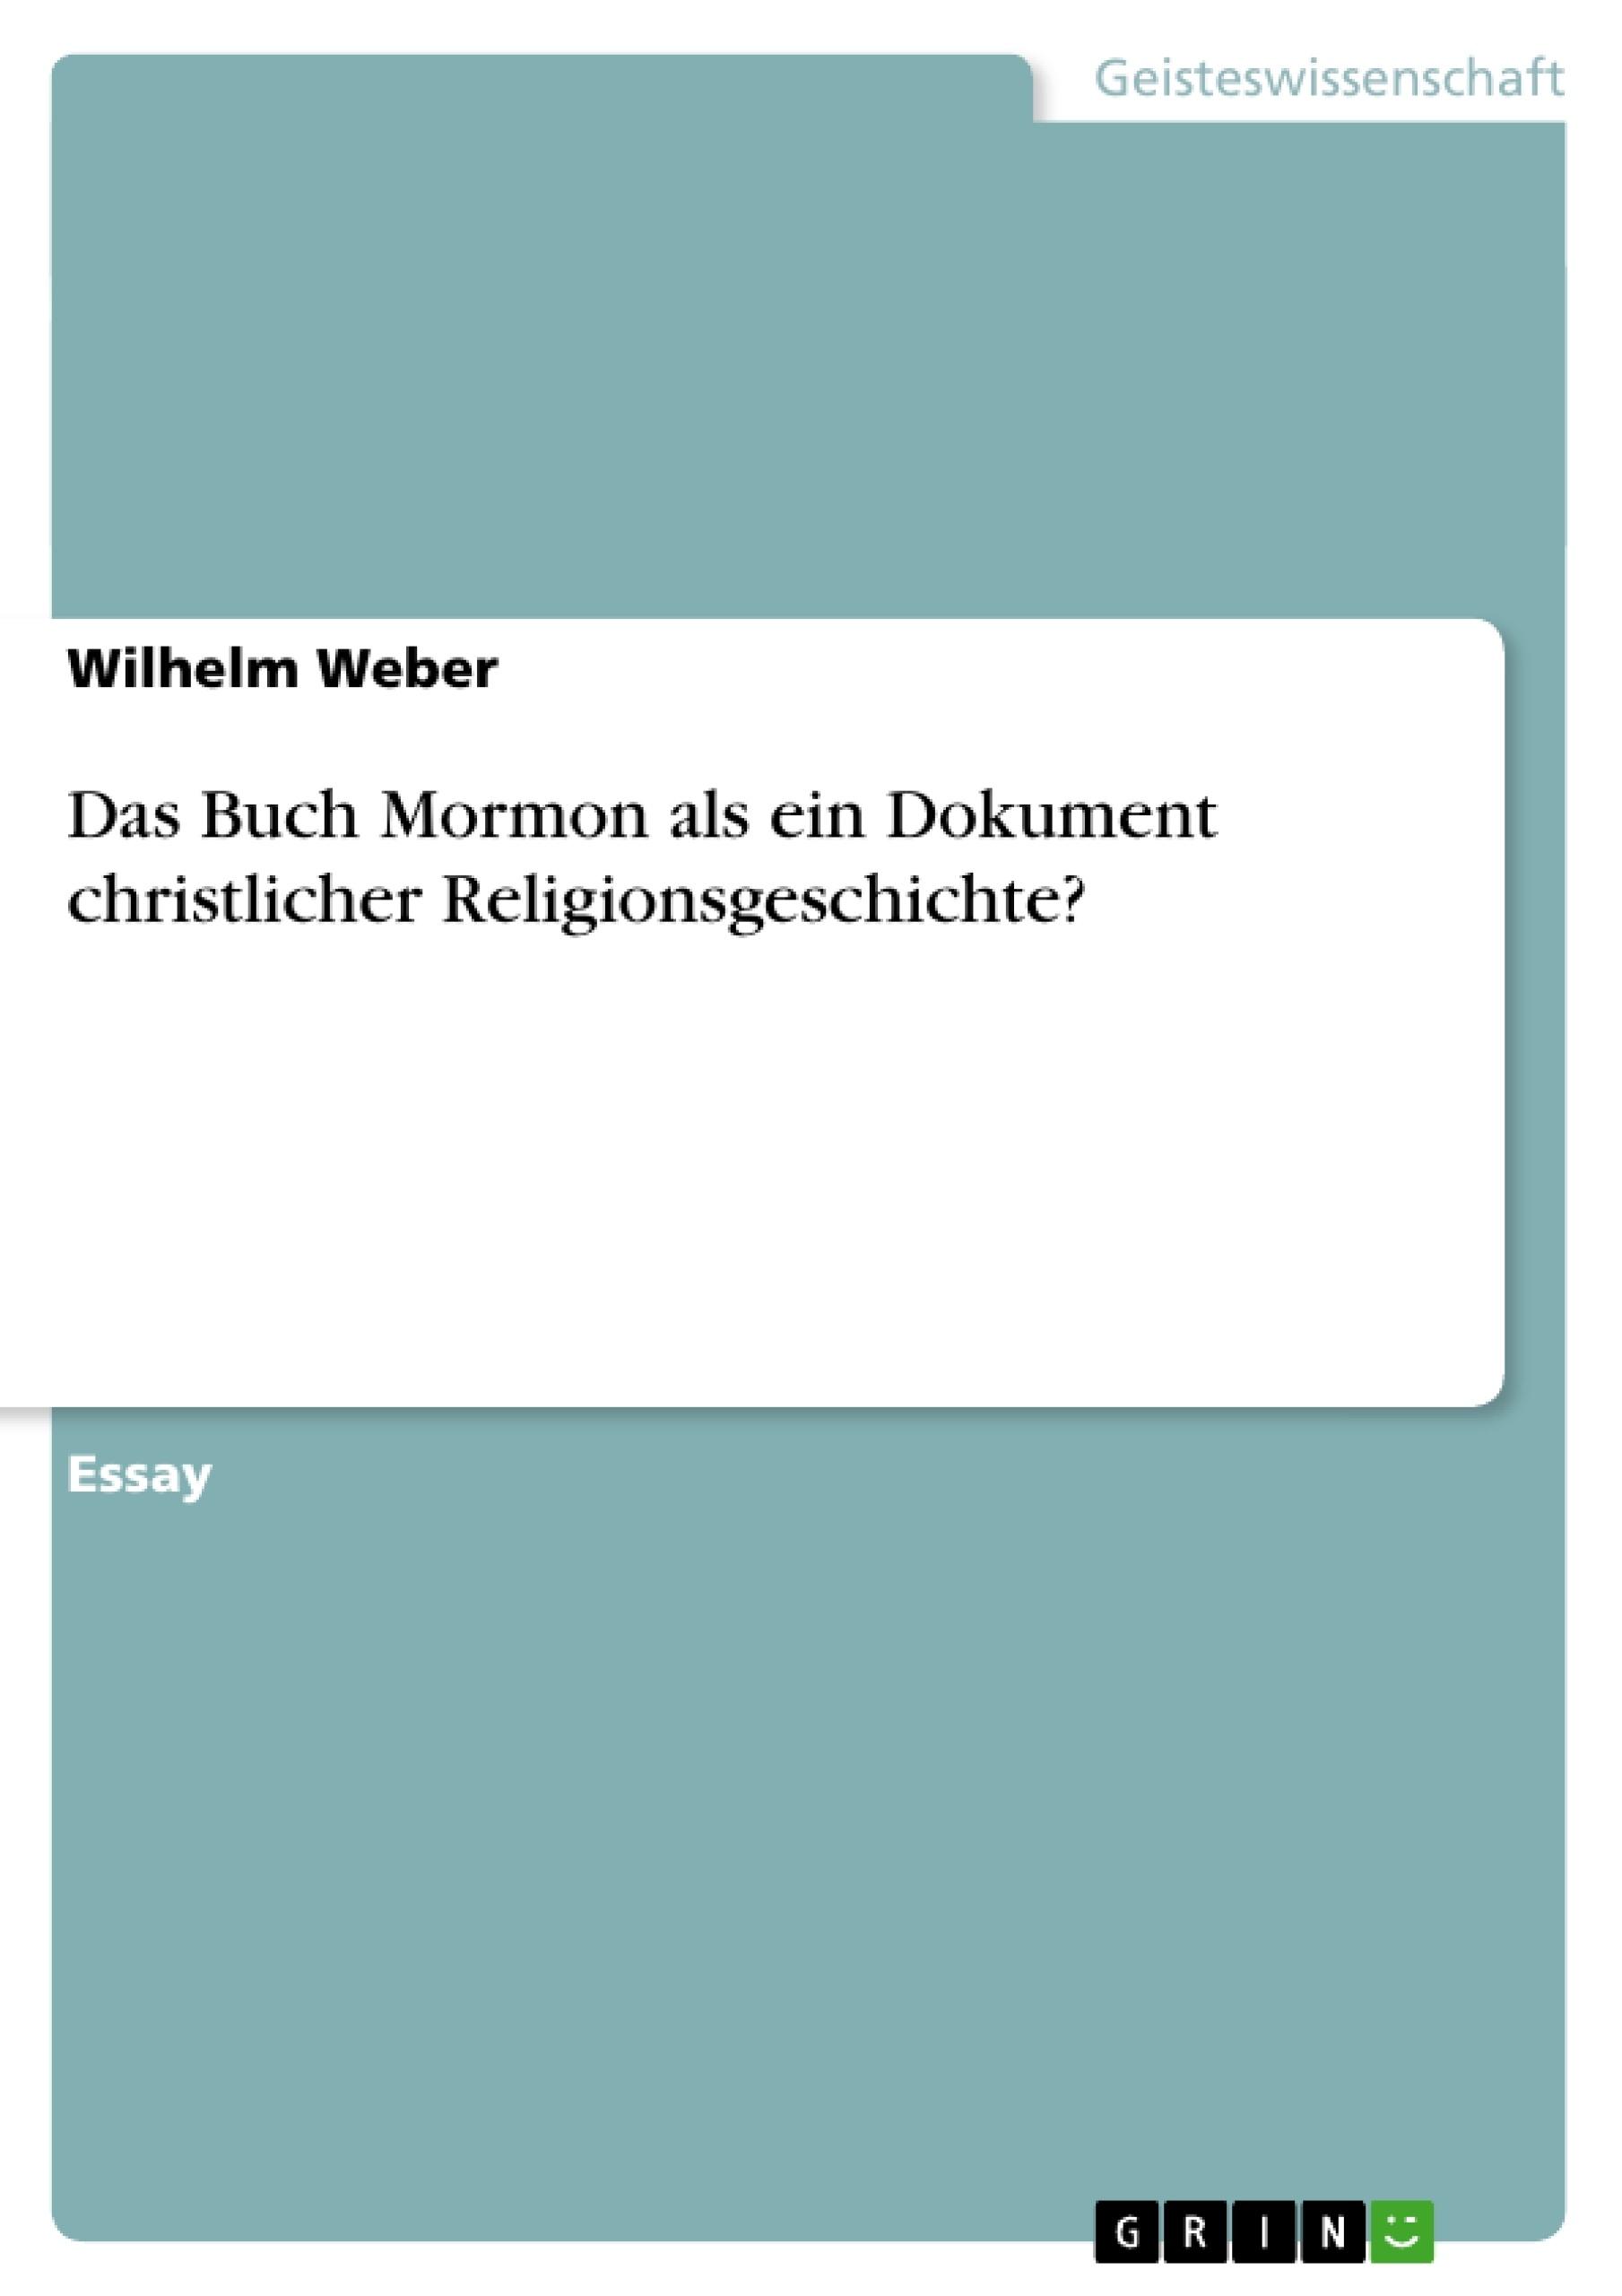 Titel: Das Buch Mormon als ein Dokument christlicher Religionsgeschichte?